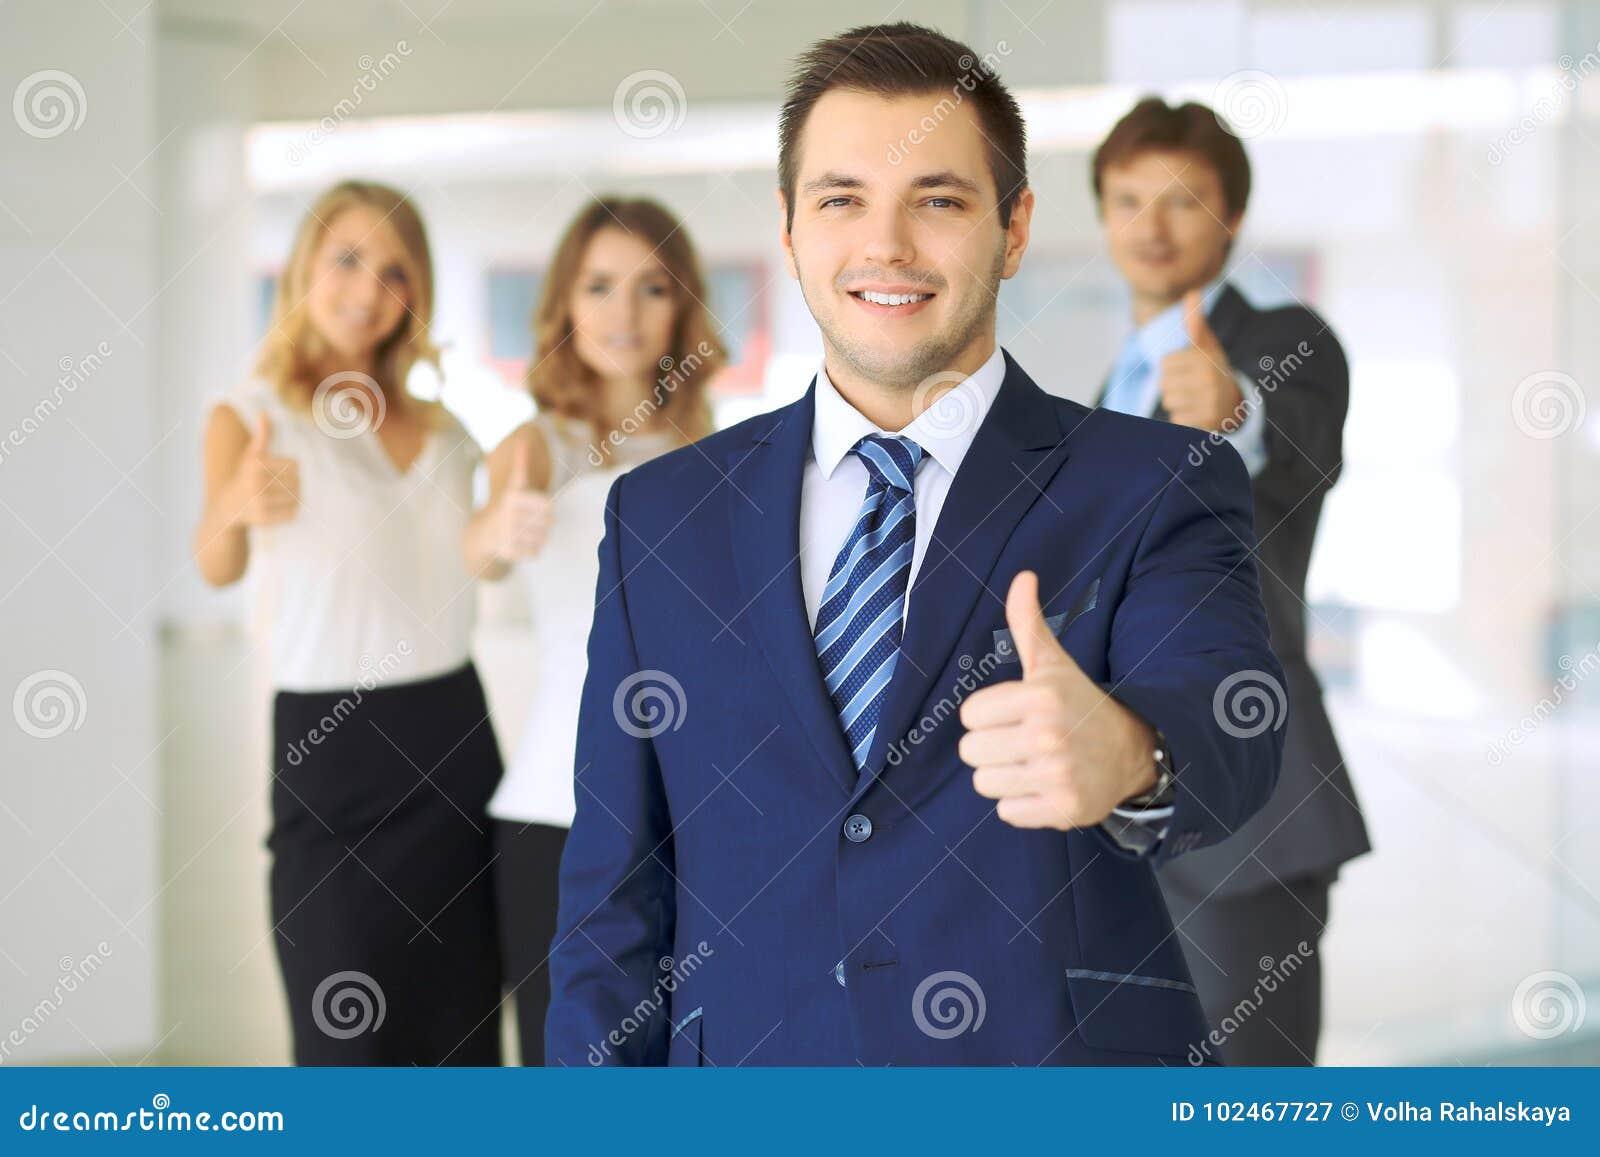 Los hombres de negocios jovenes acertados que muestran los pulgares suben la muestra